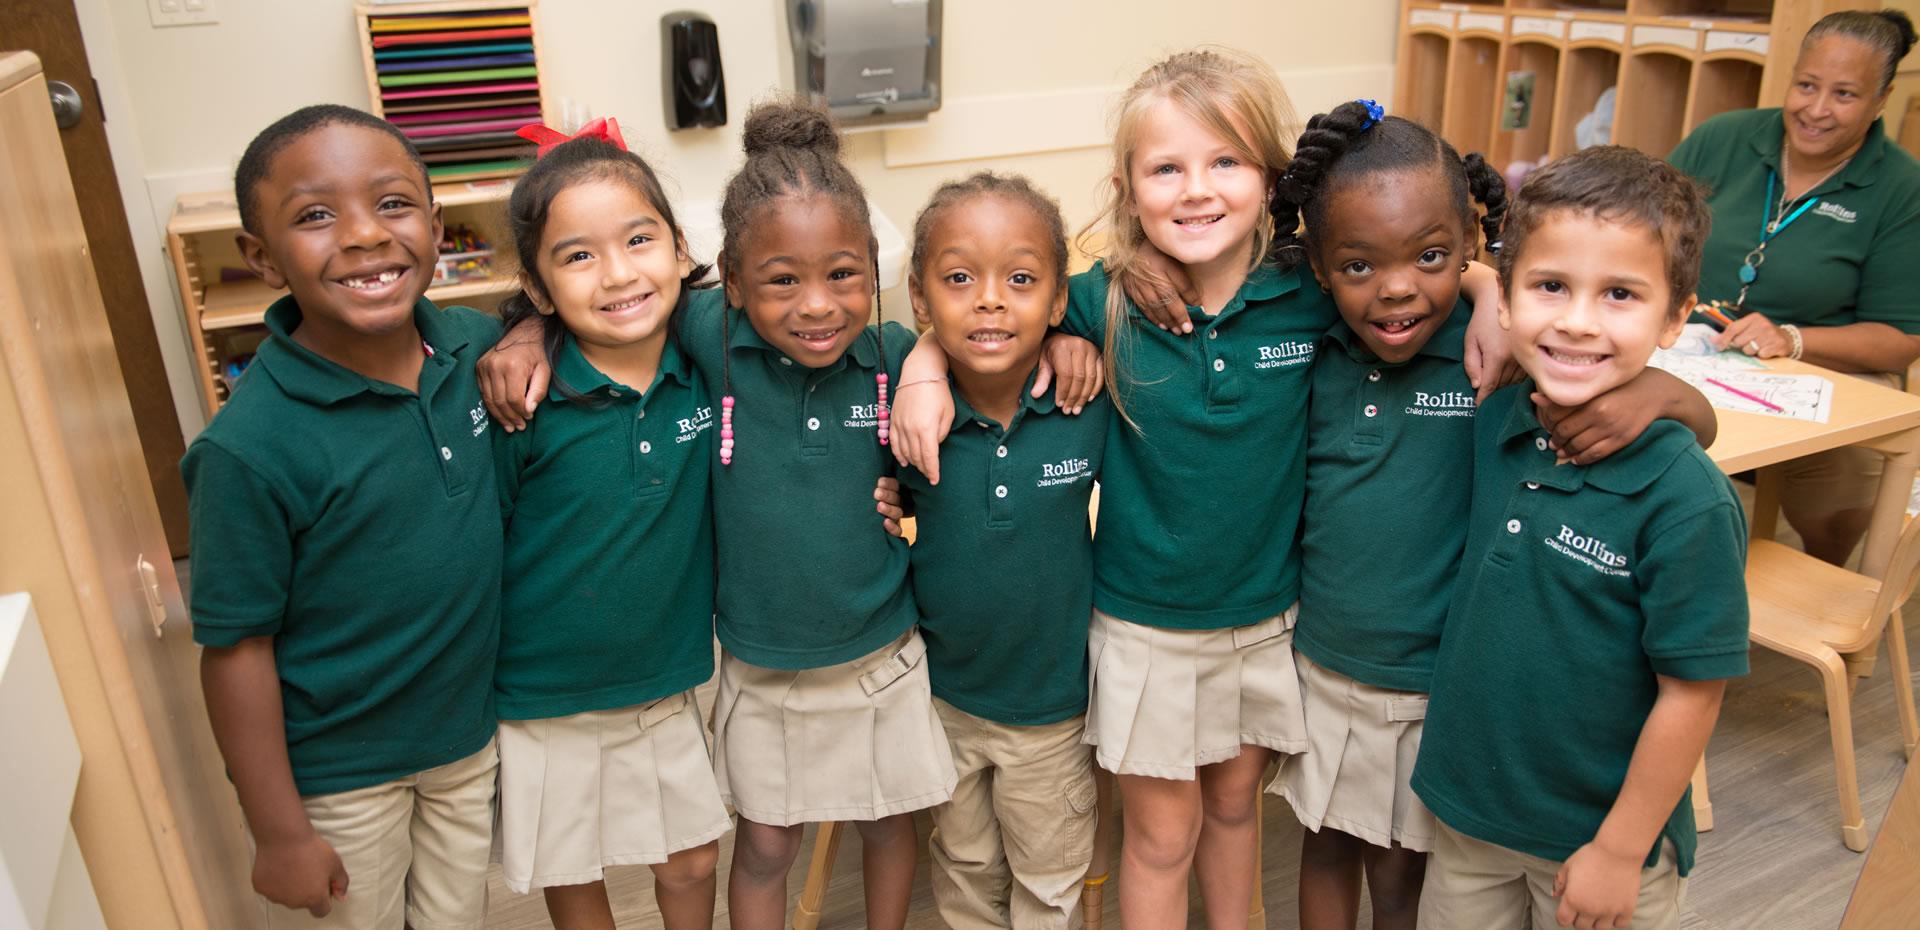 Kids at Rollins Child Development Center